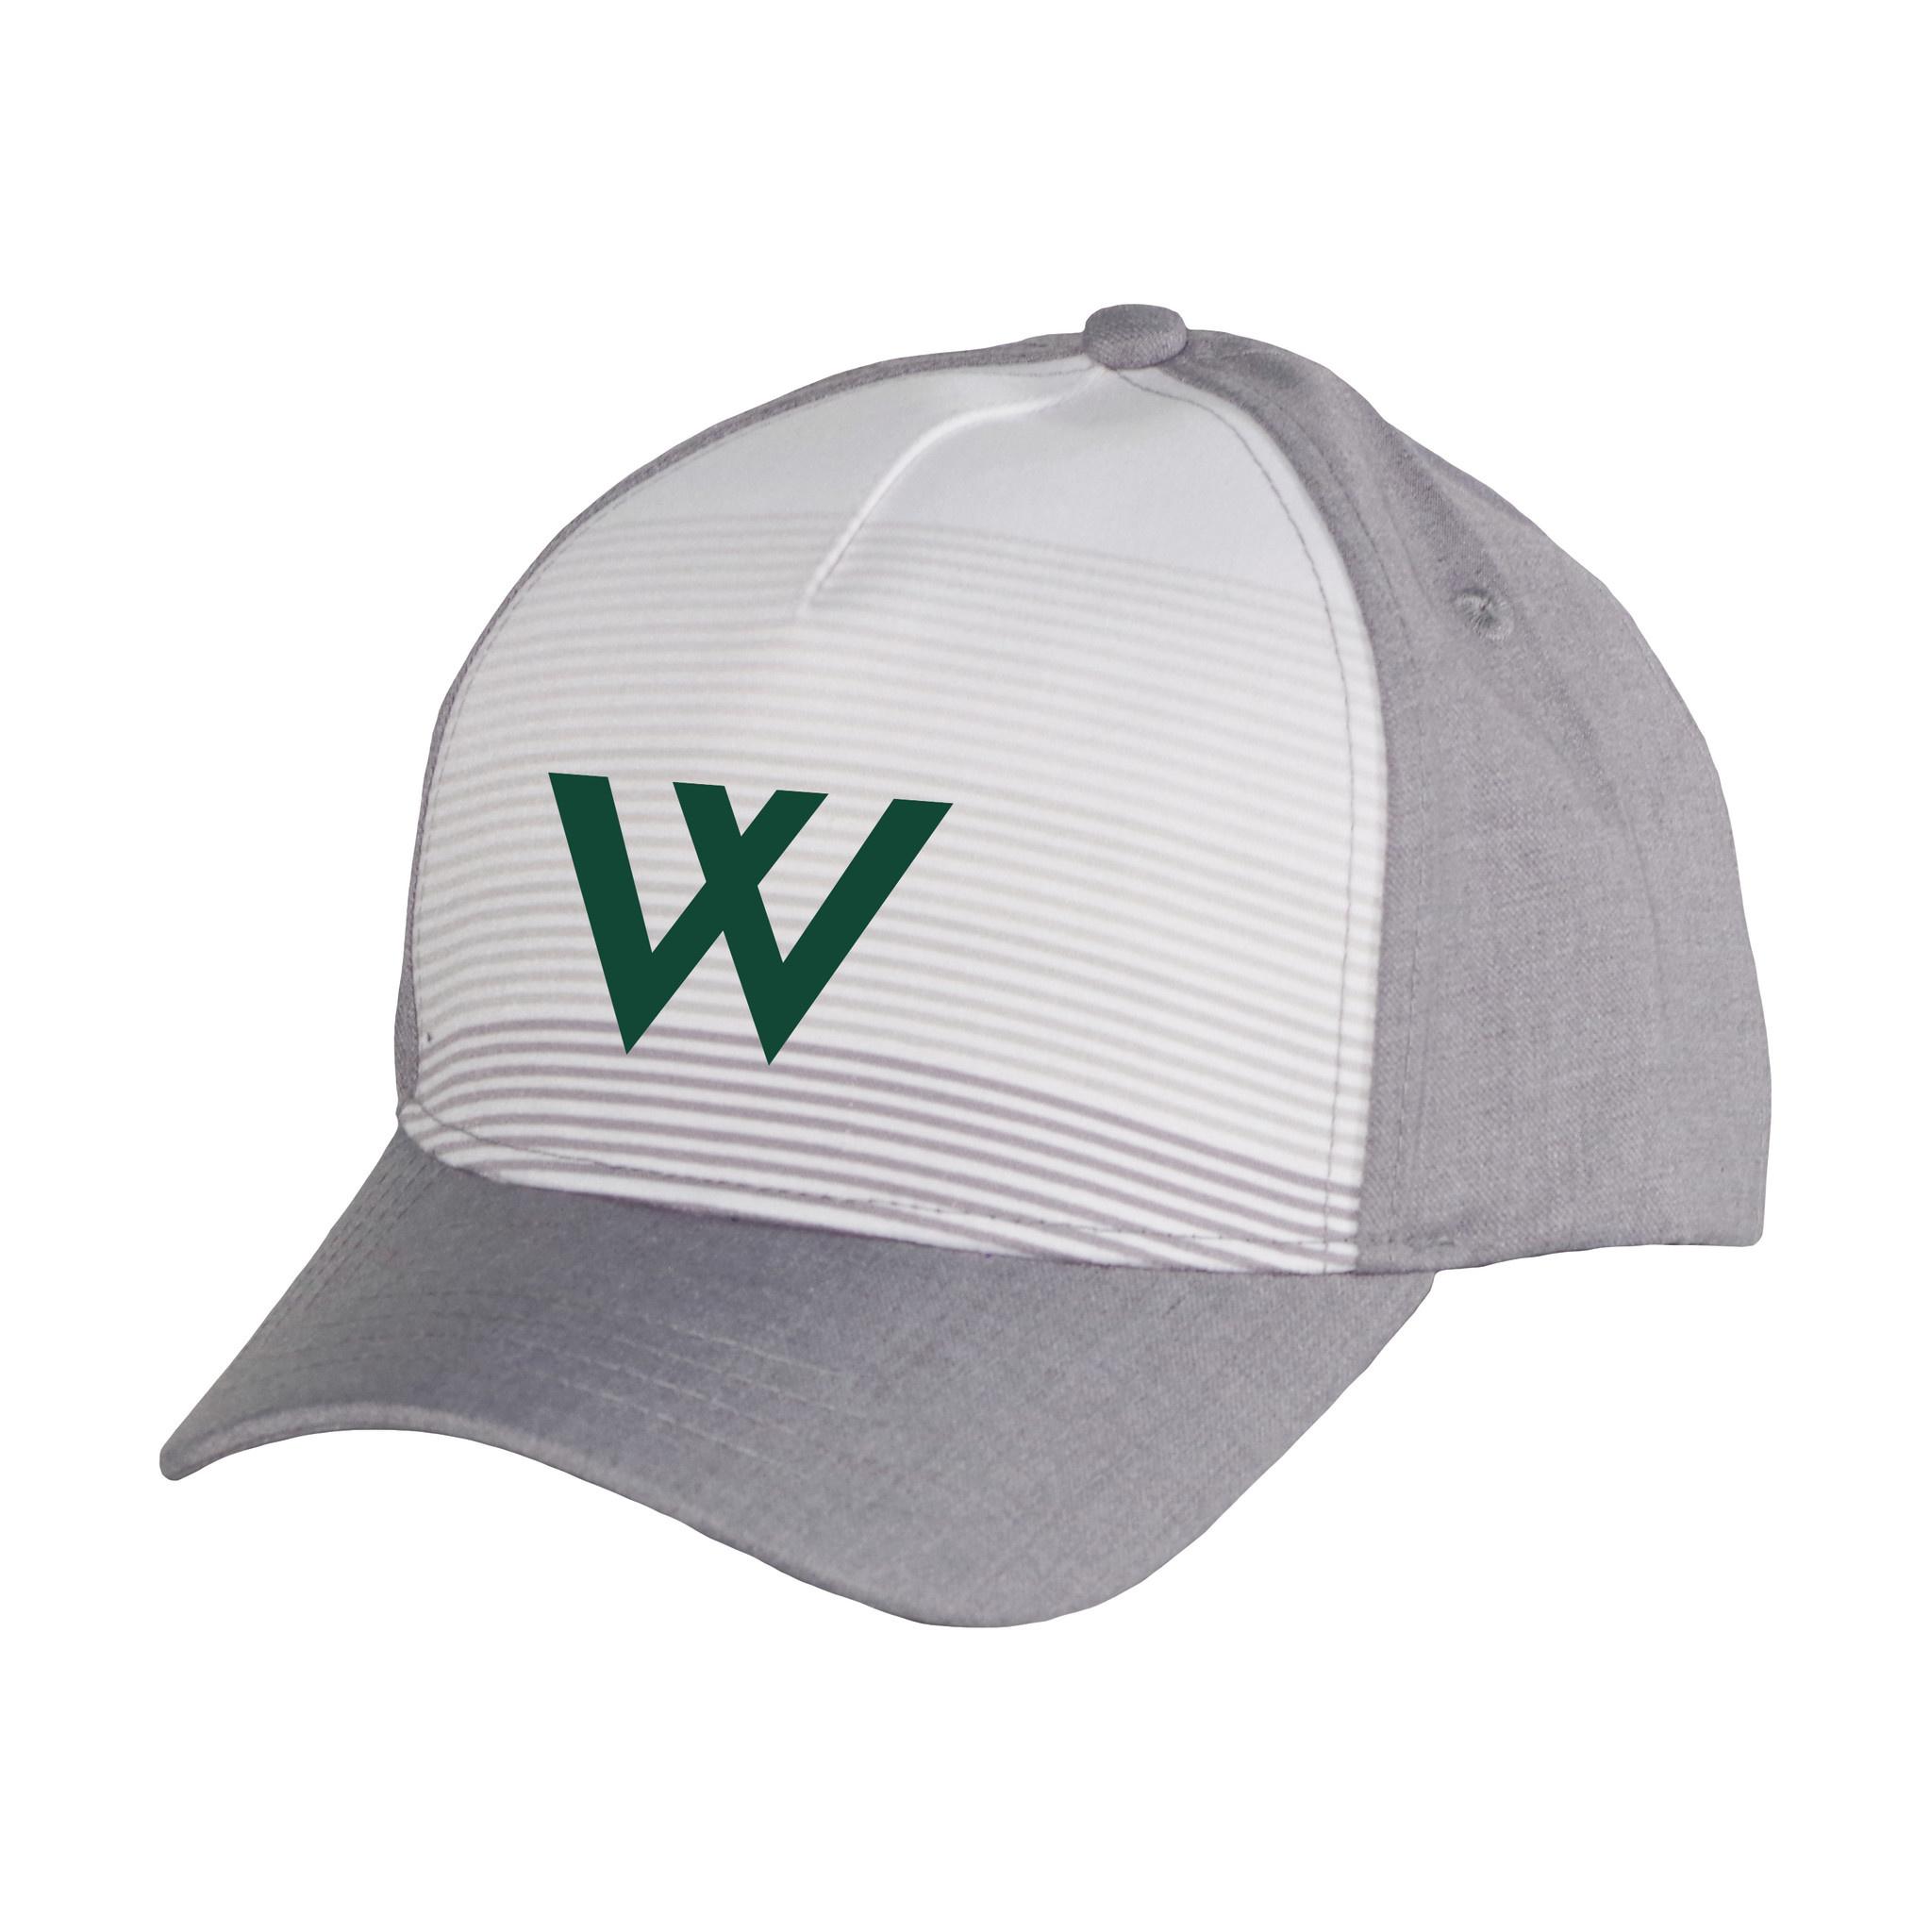 Garb Hat: Youth Ezra Gray Stripes with W